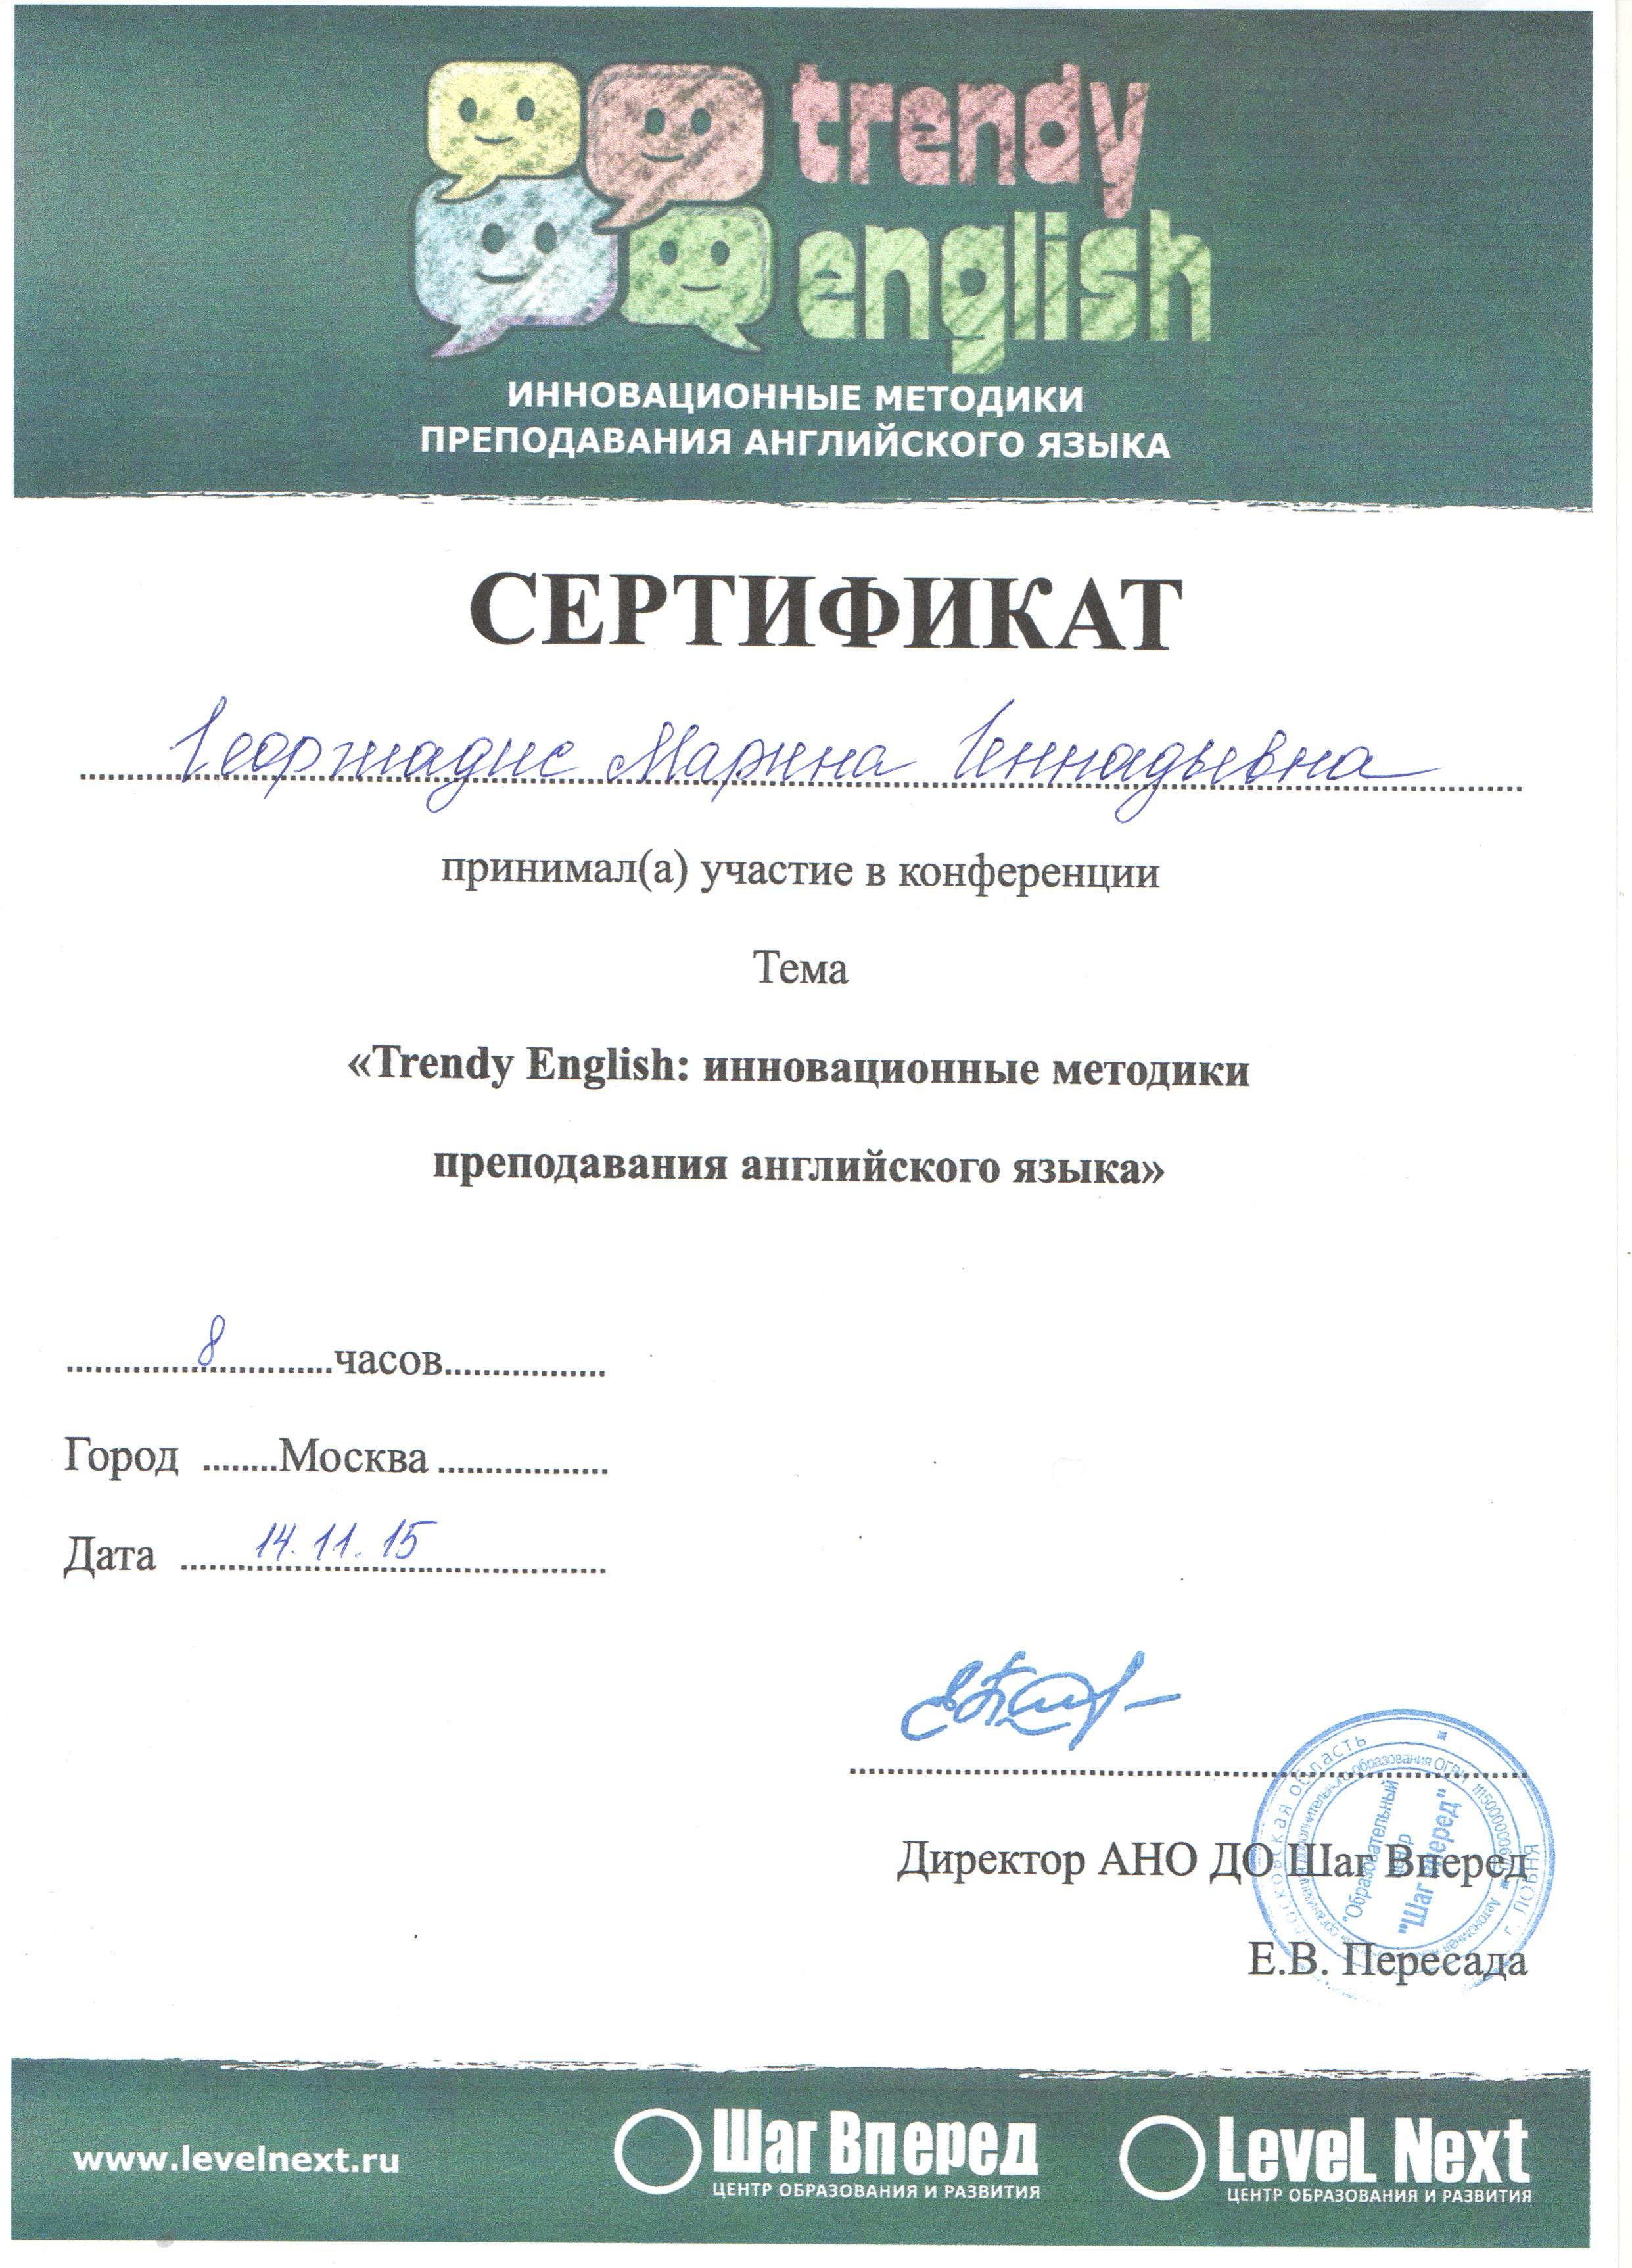 Сертификат_Trendy English